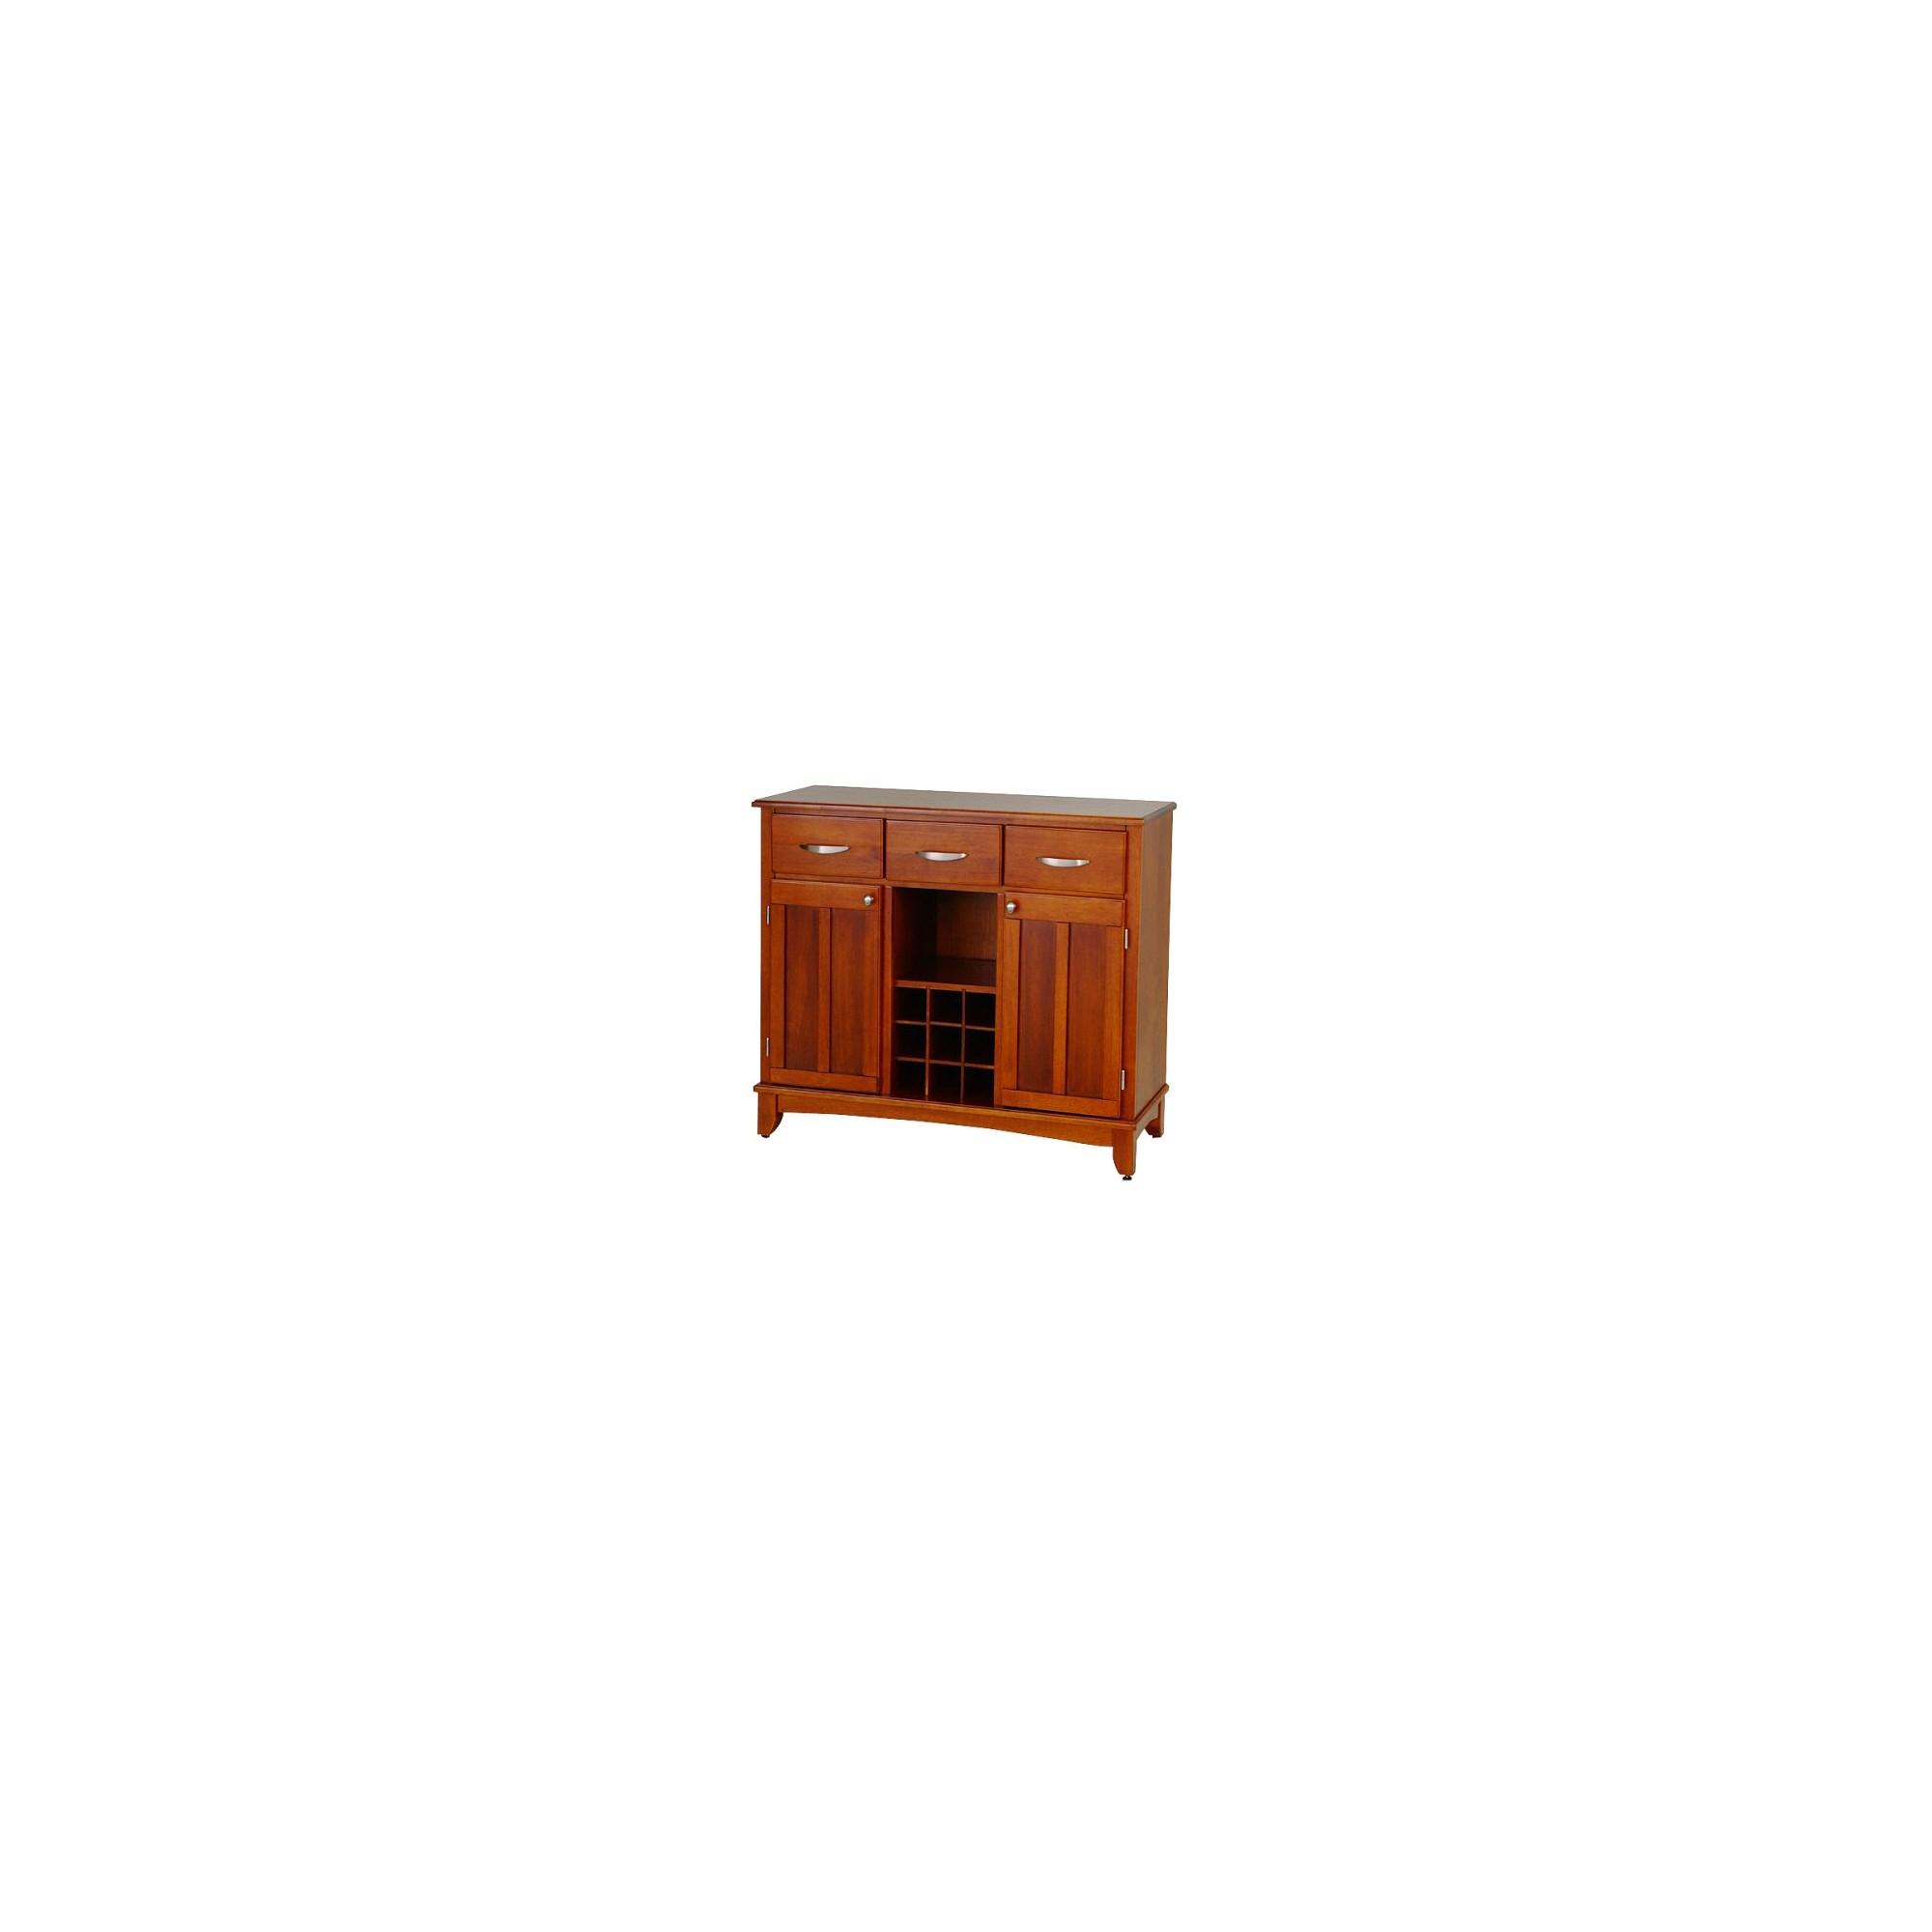 Hutch-Style Buffet Wood/Oak - Home Styles